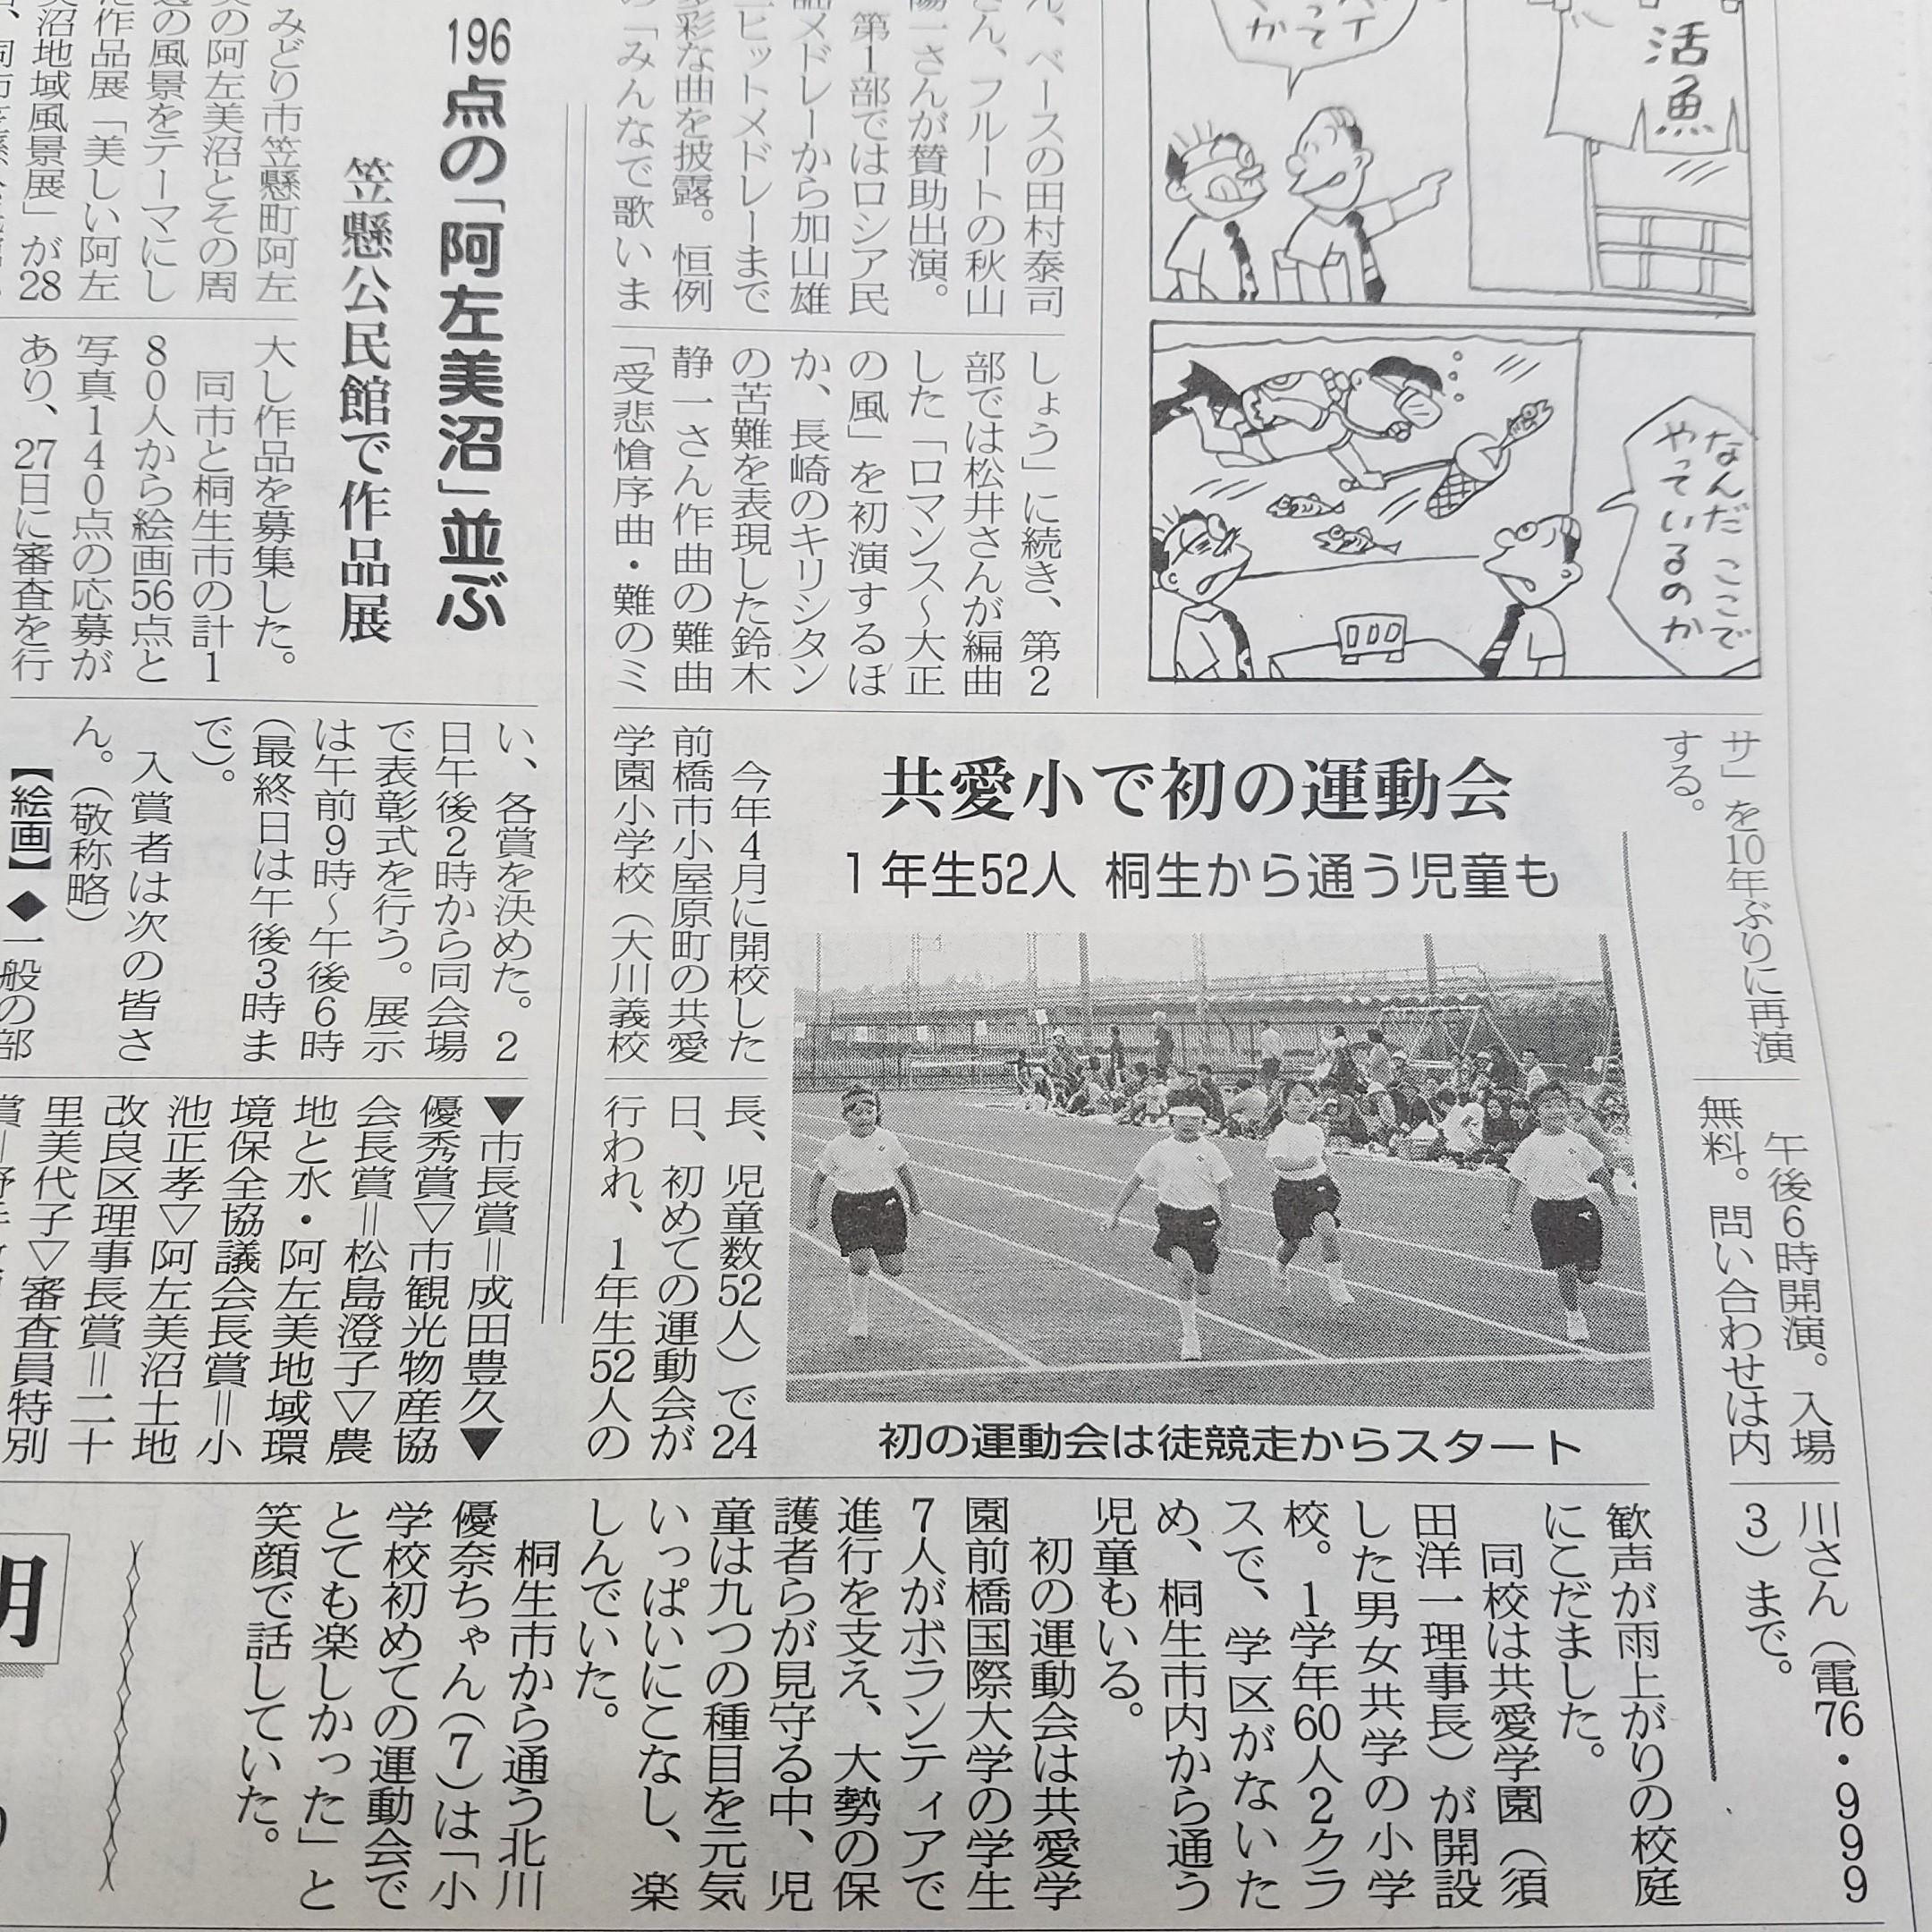 共愛学園小学校:桐生タイムス